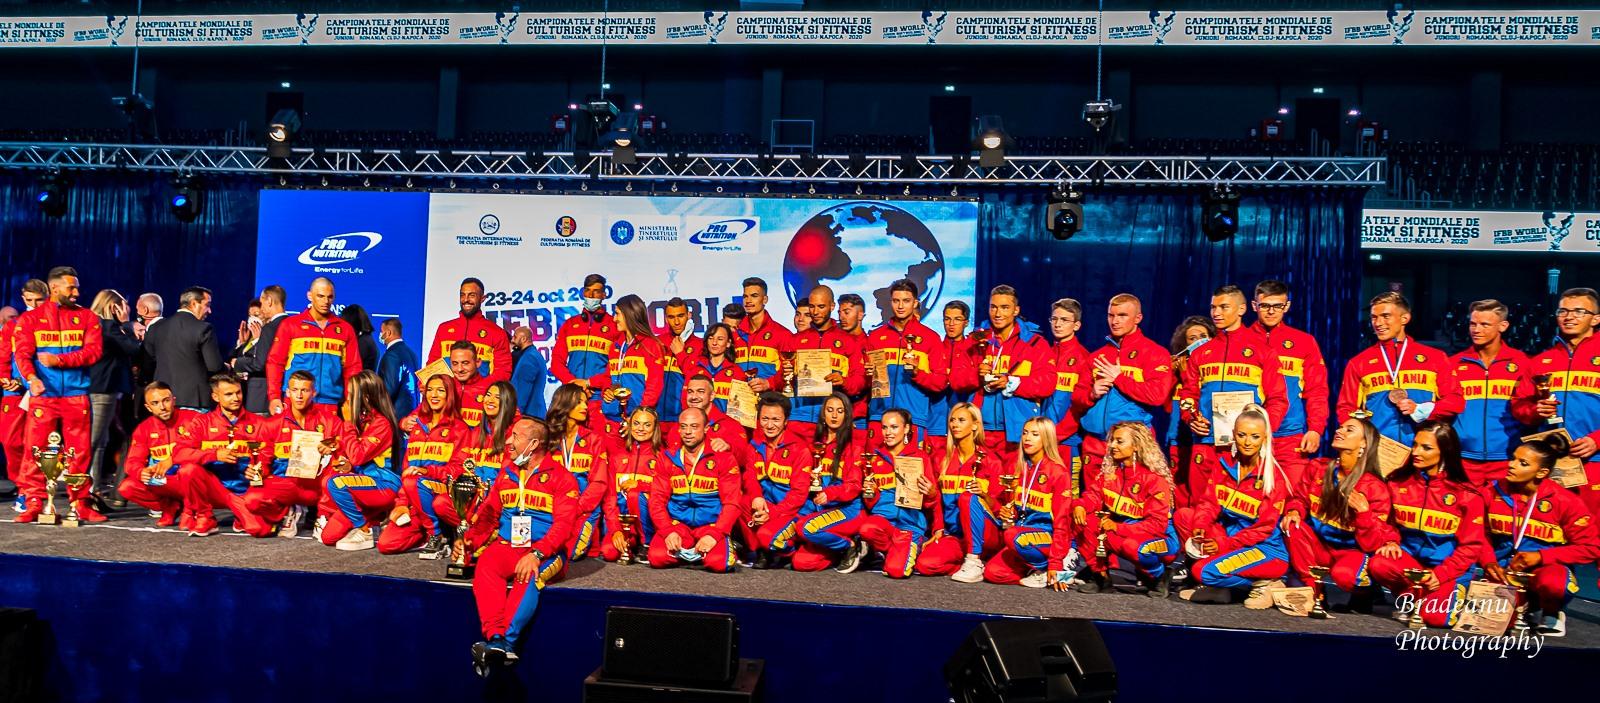 lotul-romaniei-campionatgul-mondial-culturism-cluj